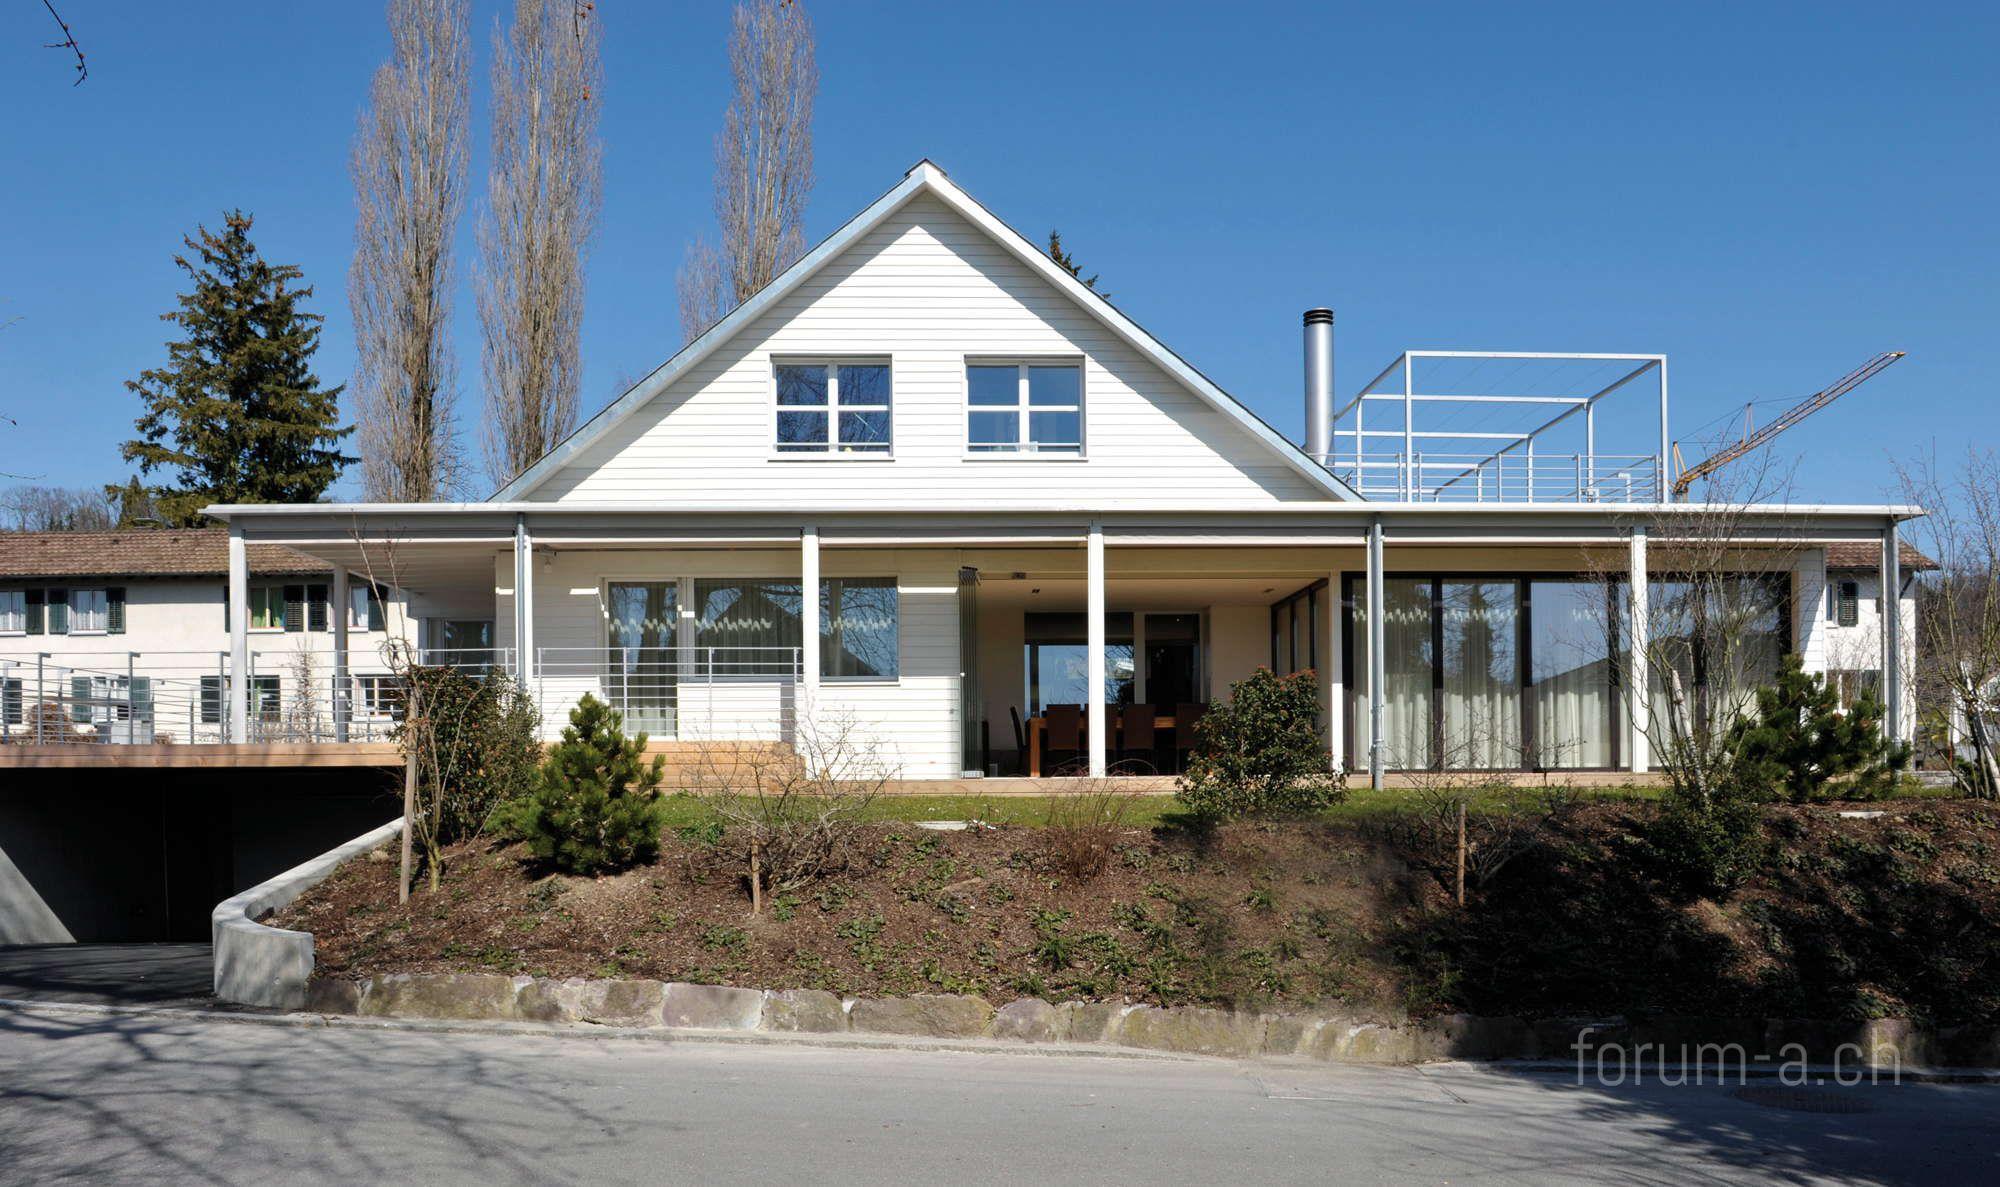 Umbau und erweiterung einfamilienhaus in meilen forum a for Innenarchitektur einfamilienhaus